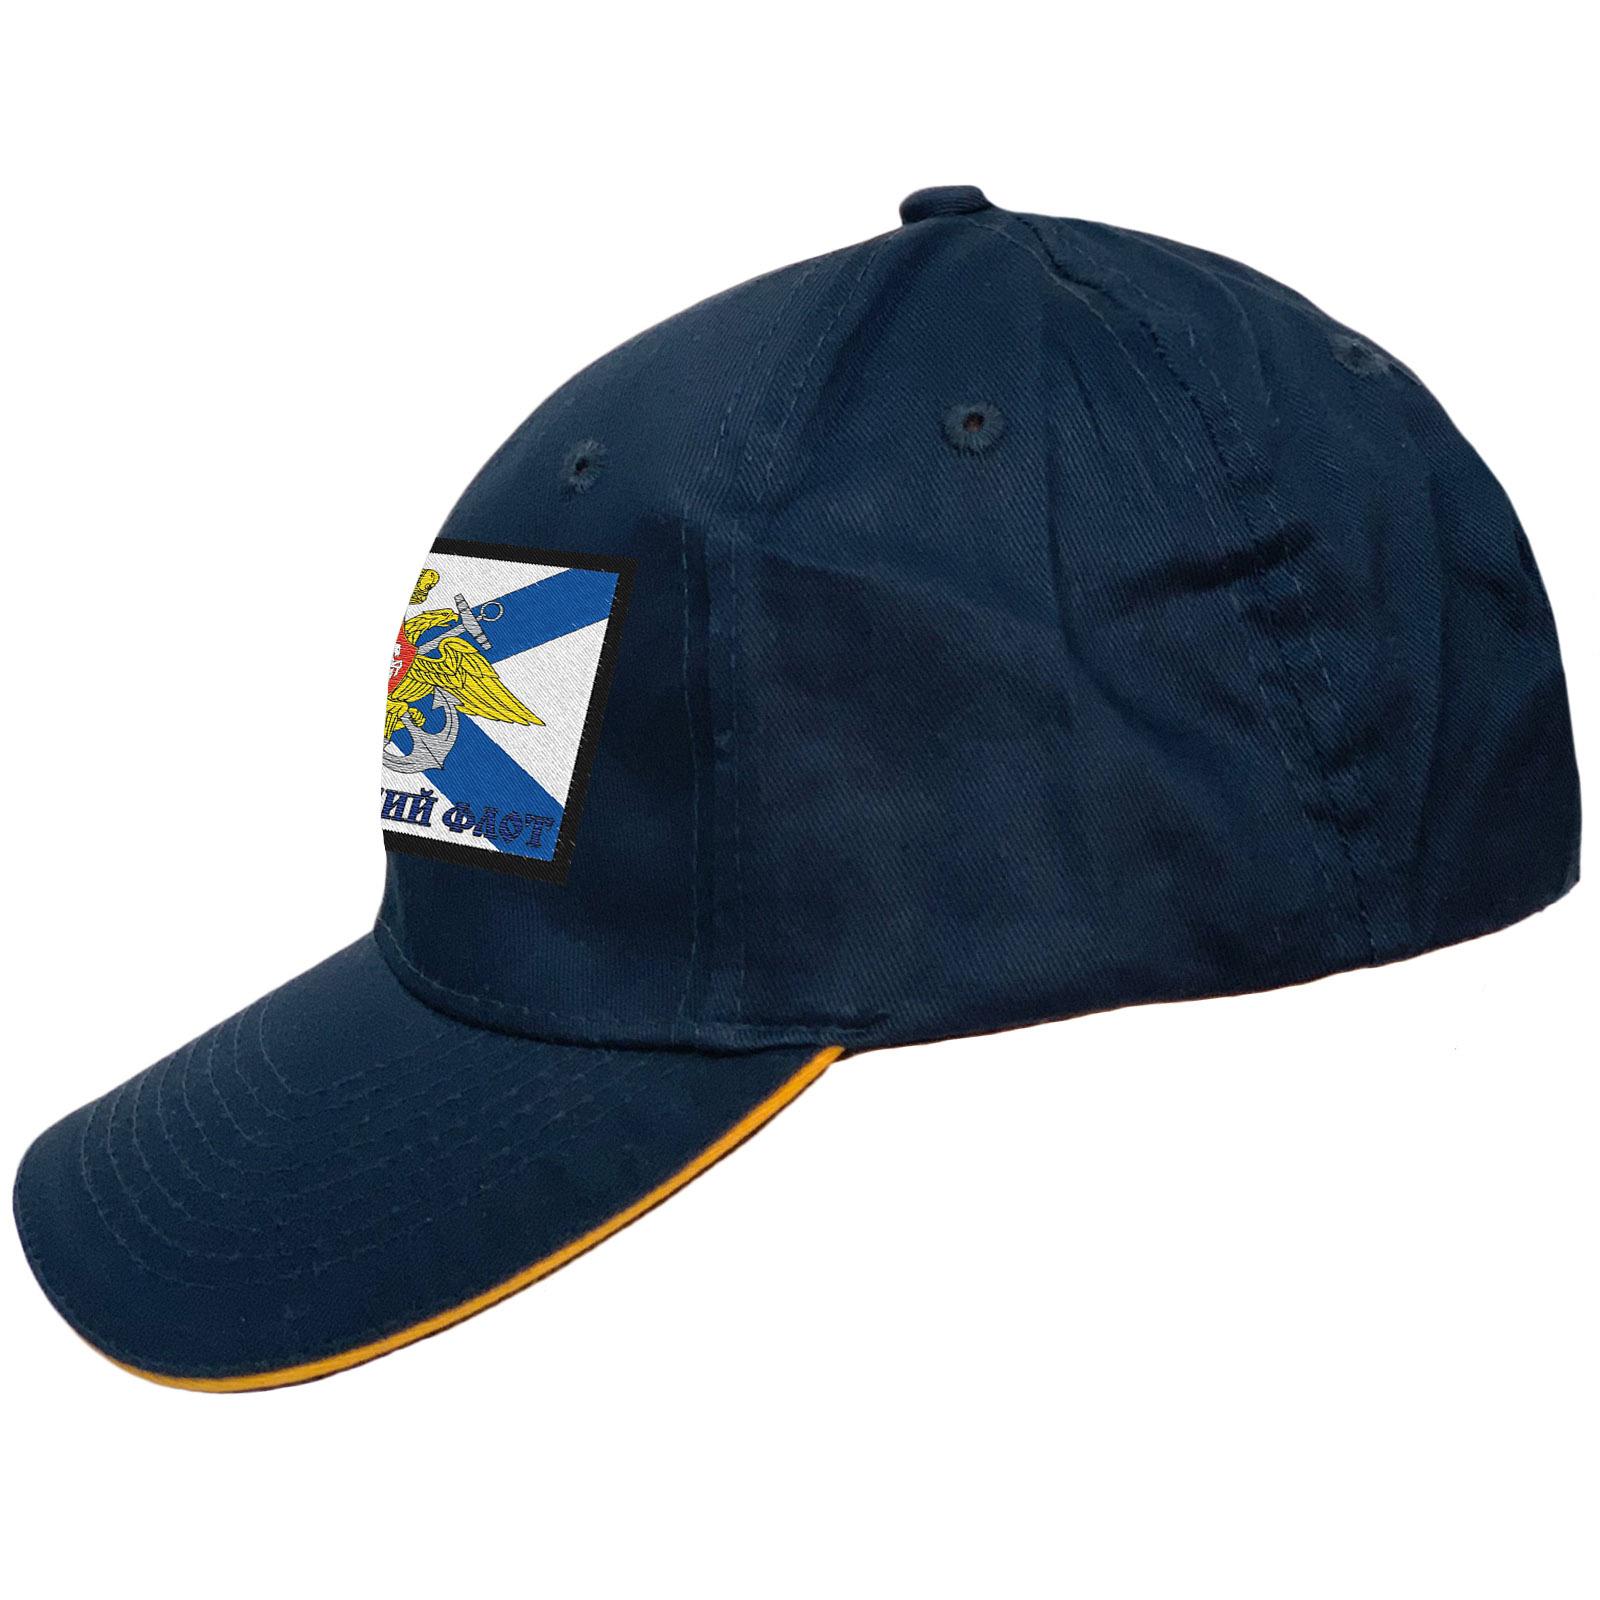 Мужская синяя кепка ВМФ, ЧФ